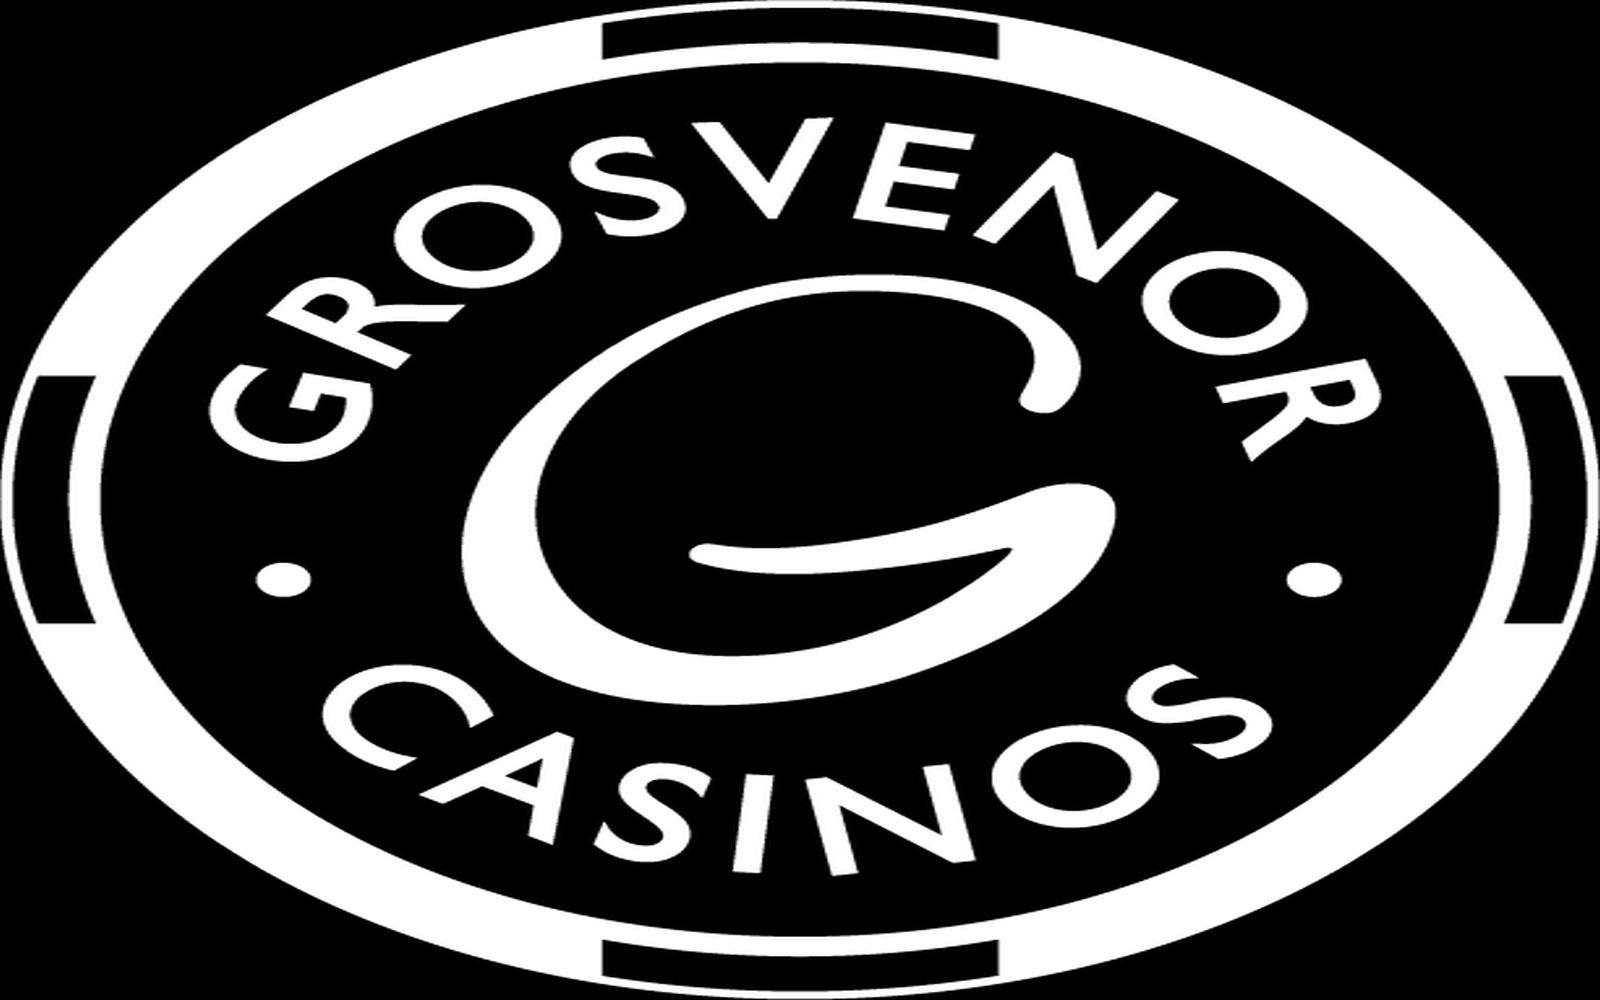 Grosvenor Birmingham